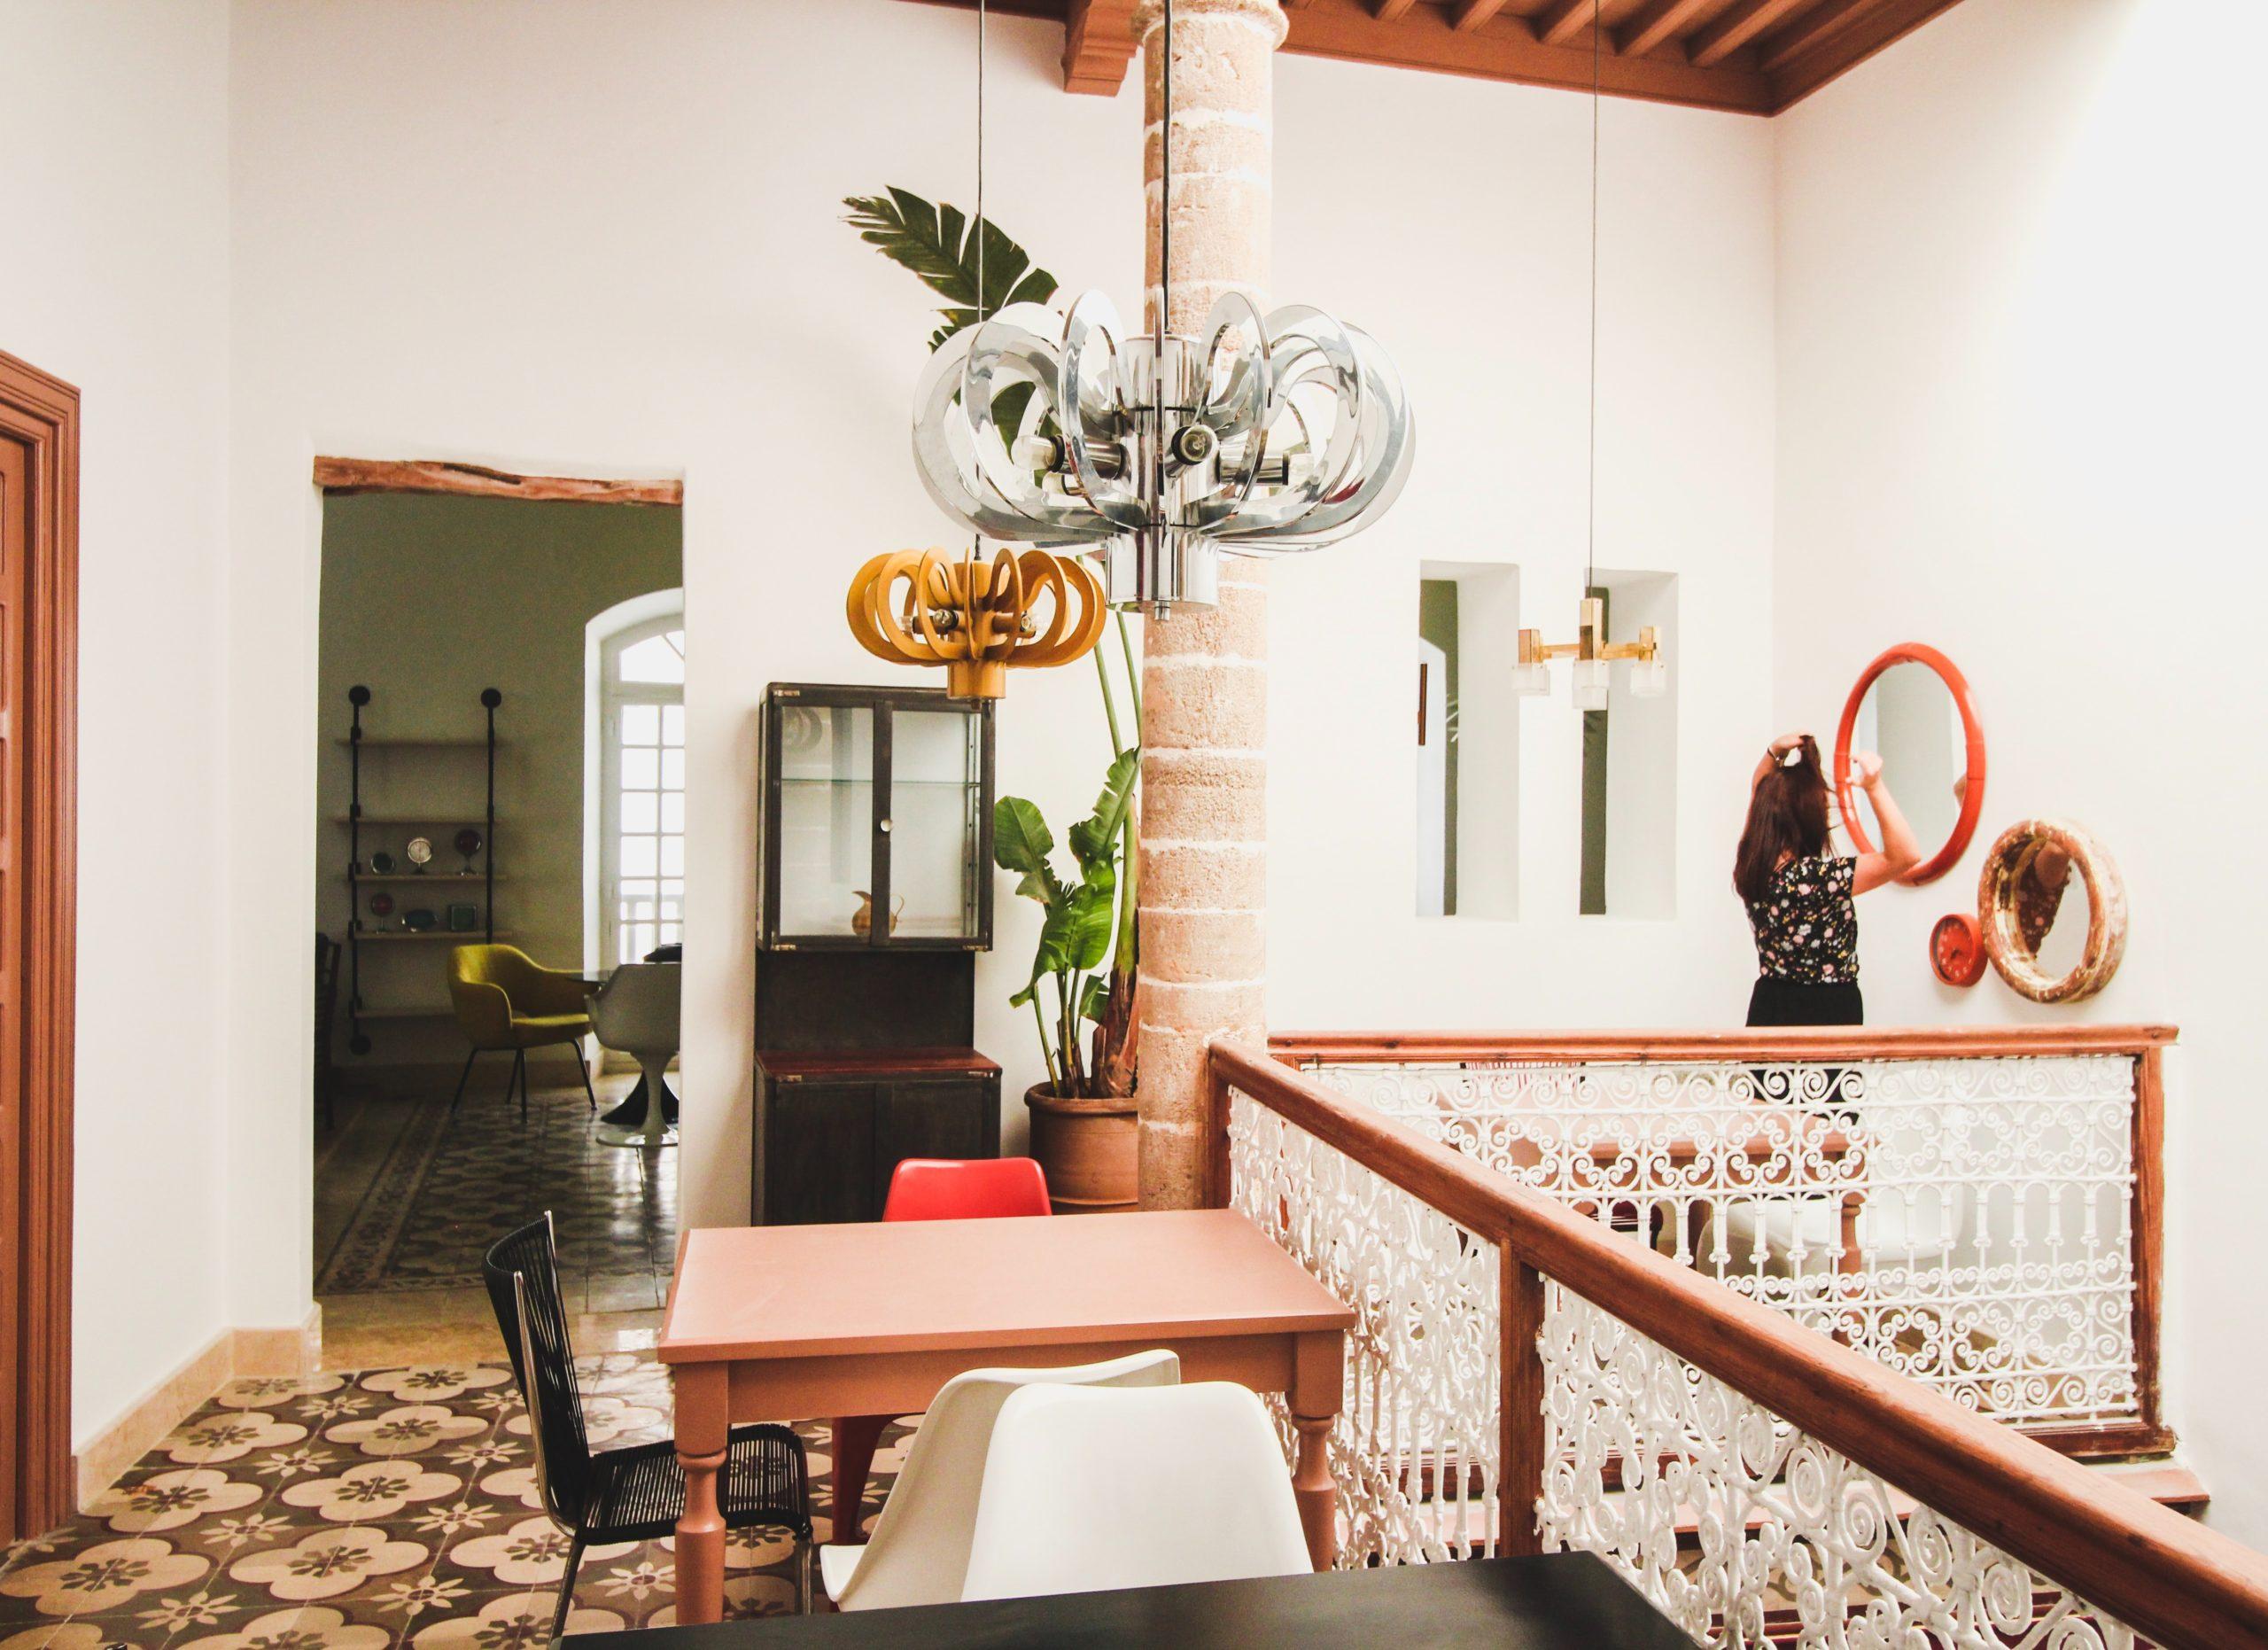 Comment faire revenir vos clients dans votre location saisonnière - décoration